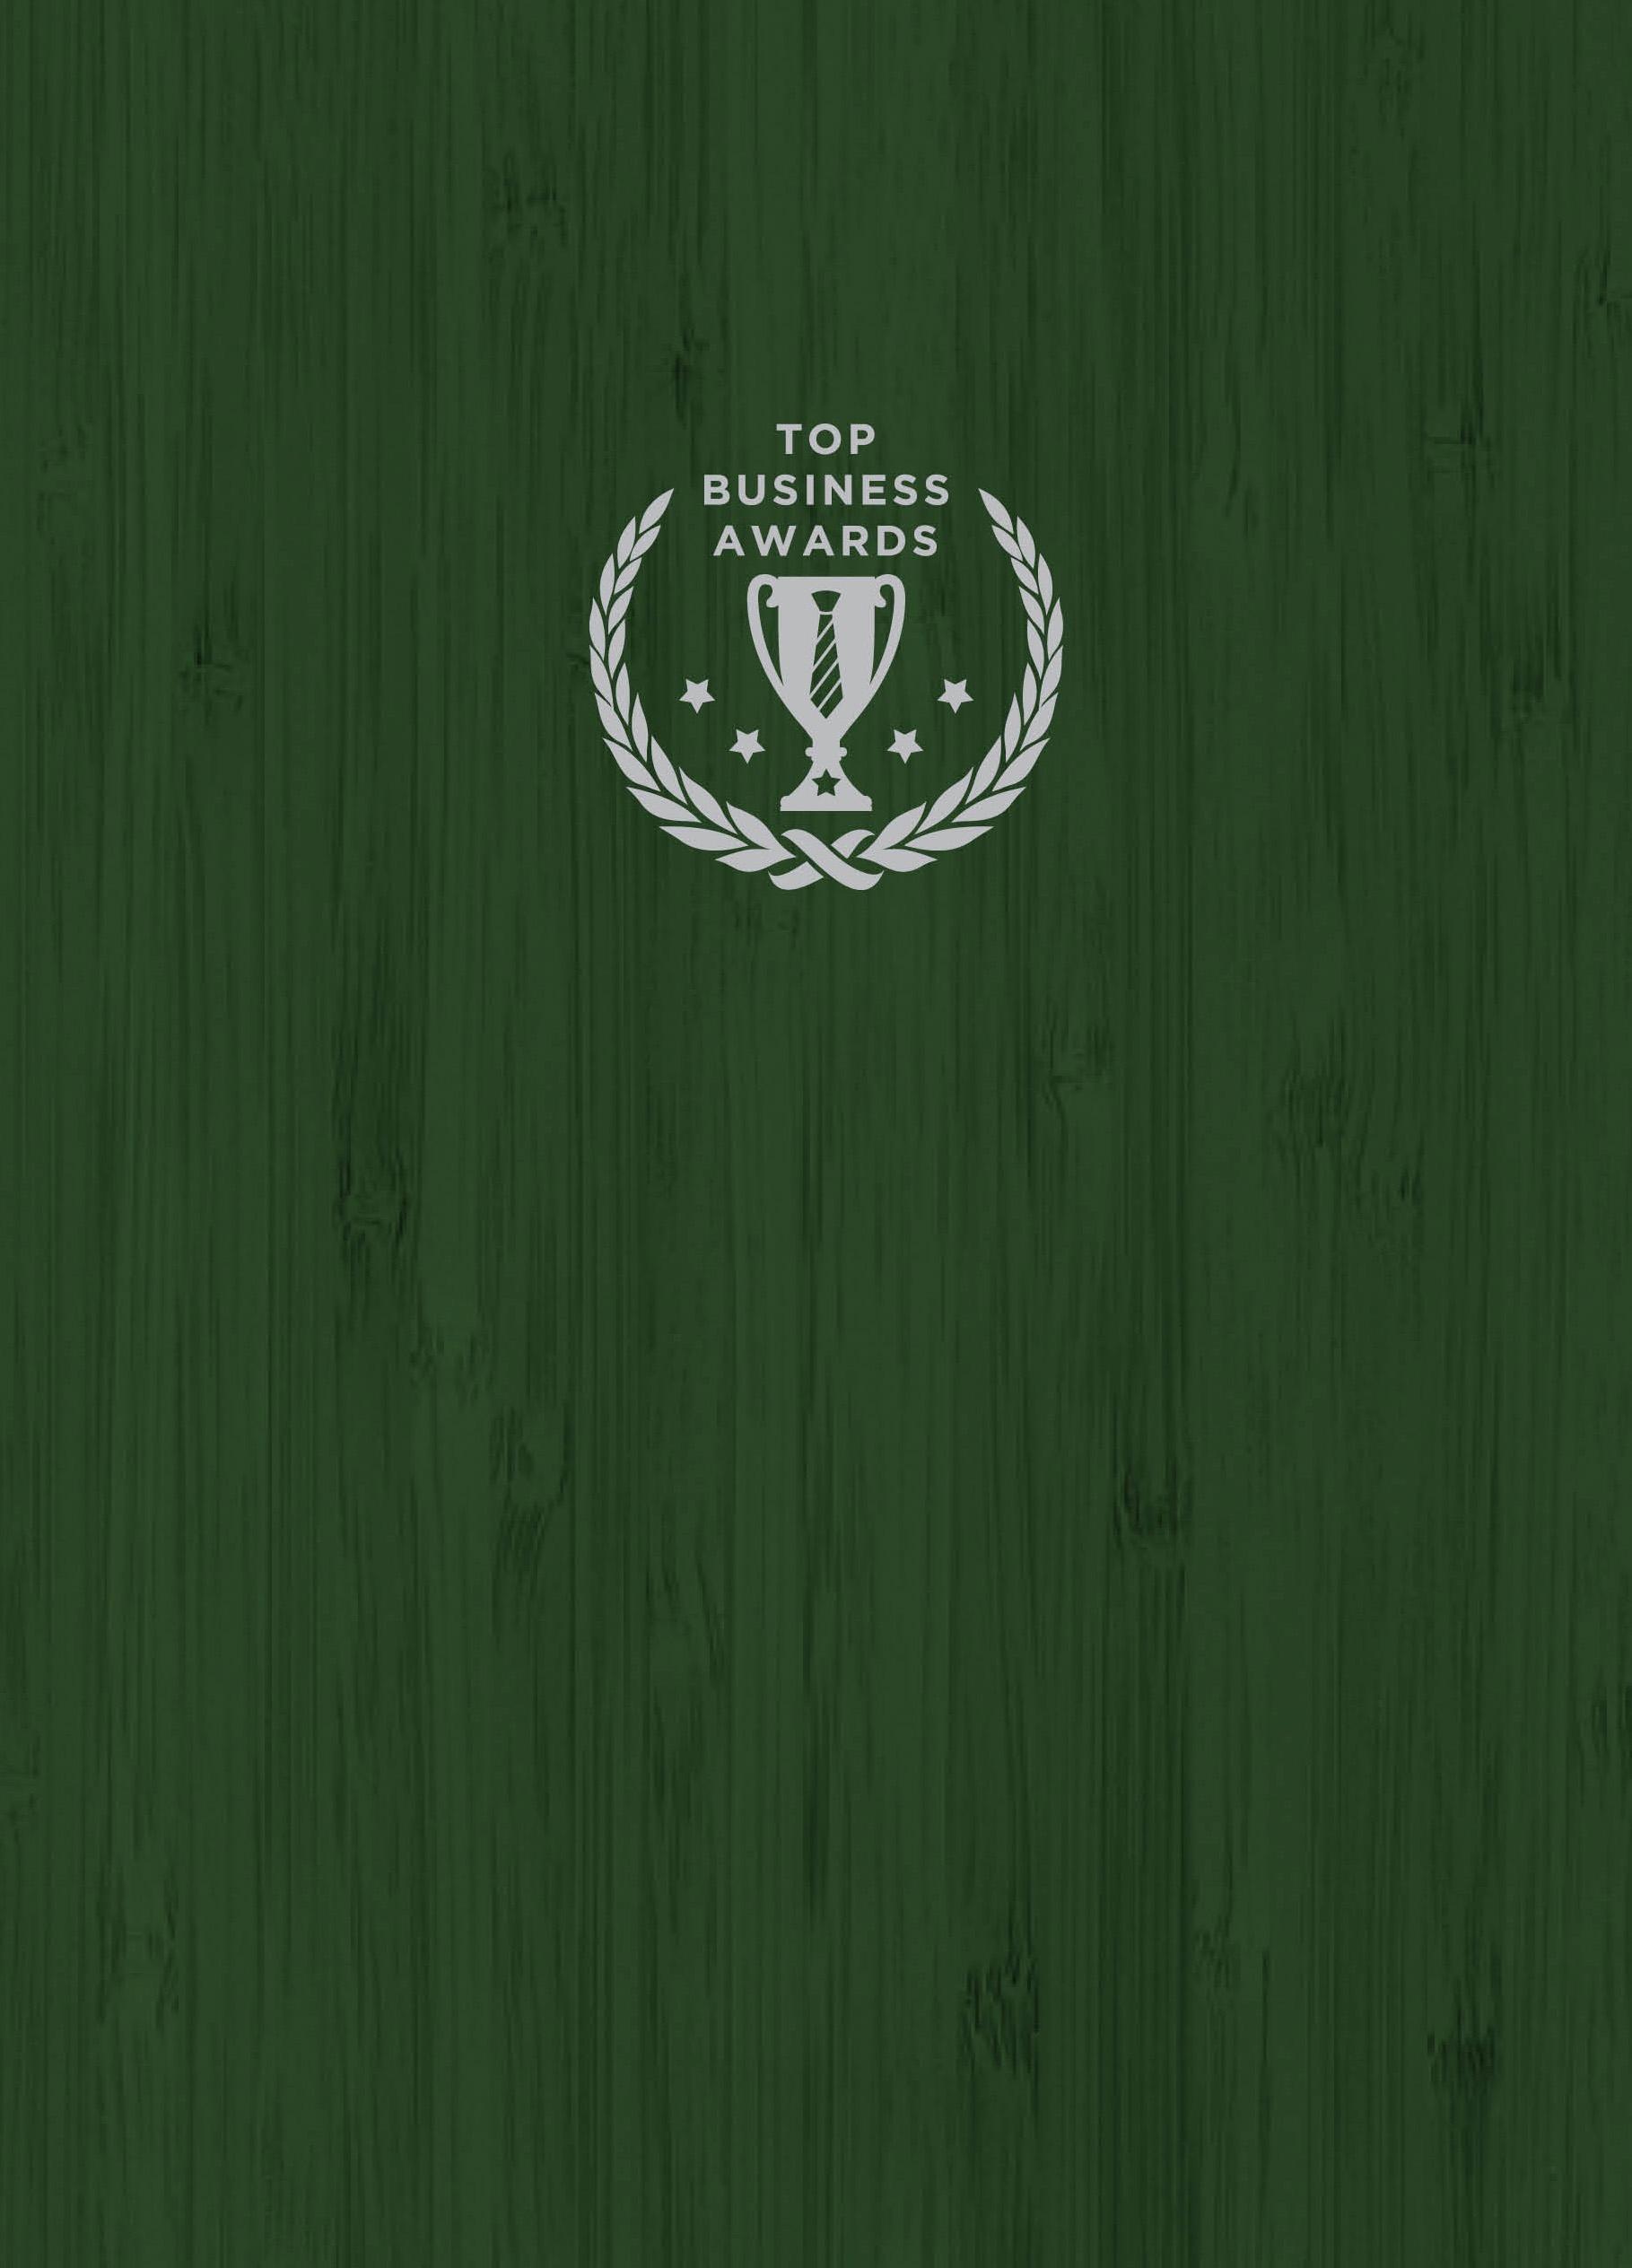 Блокнот для высокоэффективных людей (с главными принципами Стивена Кови ) (зеленый) блокнот для высокоэффективных людей с главными принципами стивена кови синий